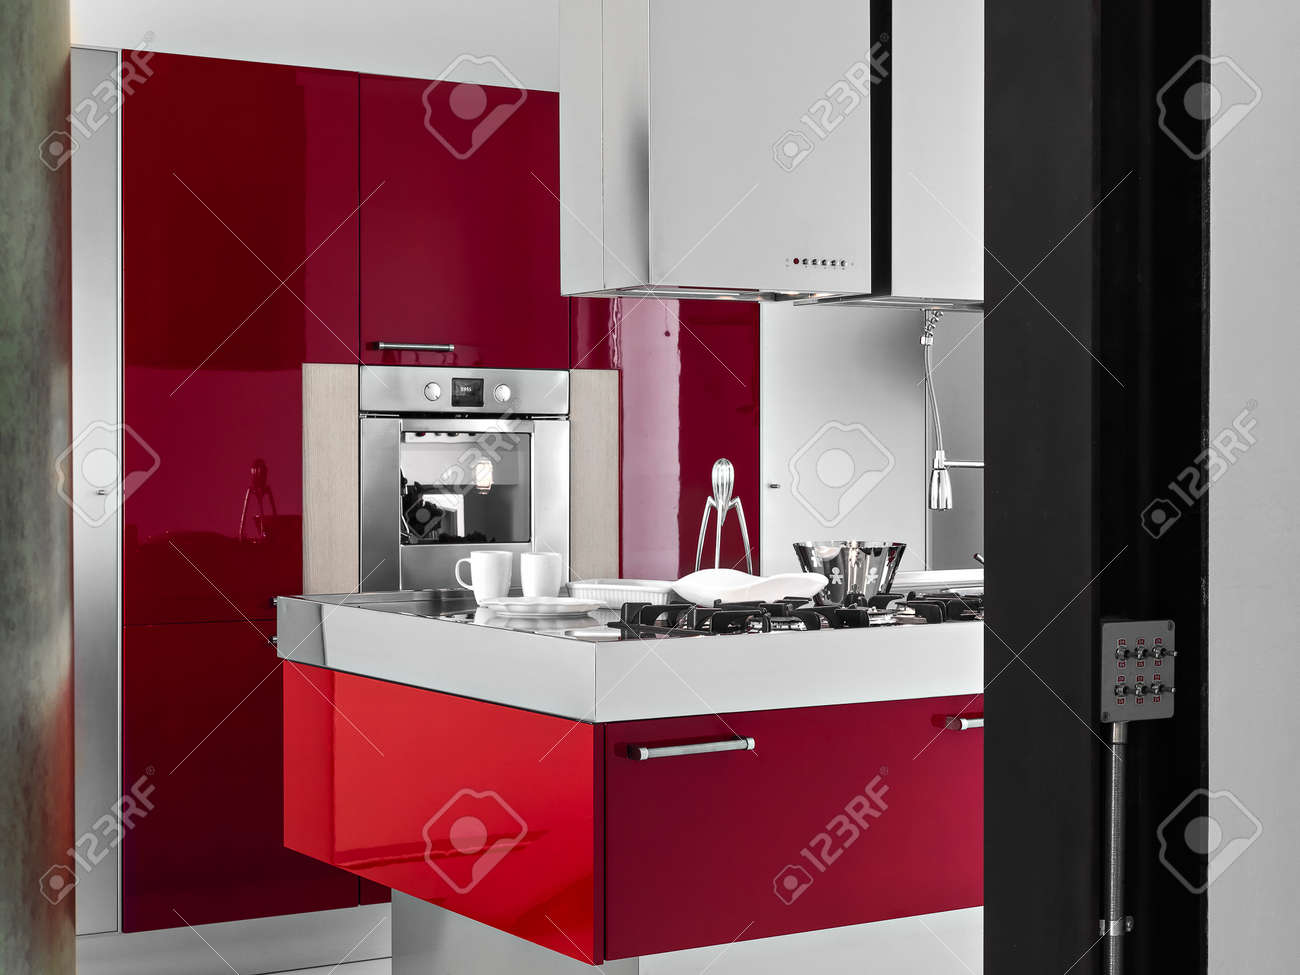 Innenansicht Eines Modernen Küche Auf Foregound Der Roten ...